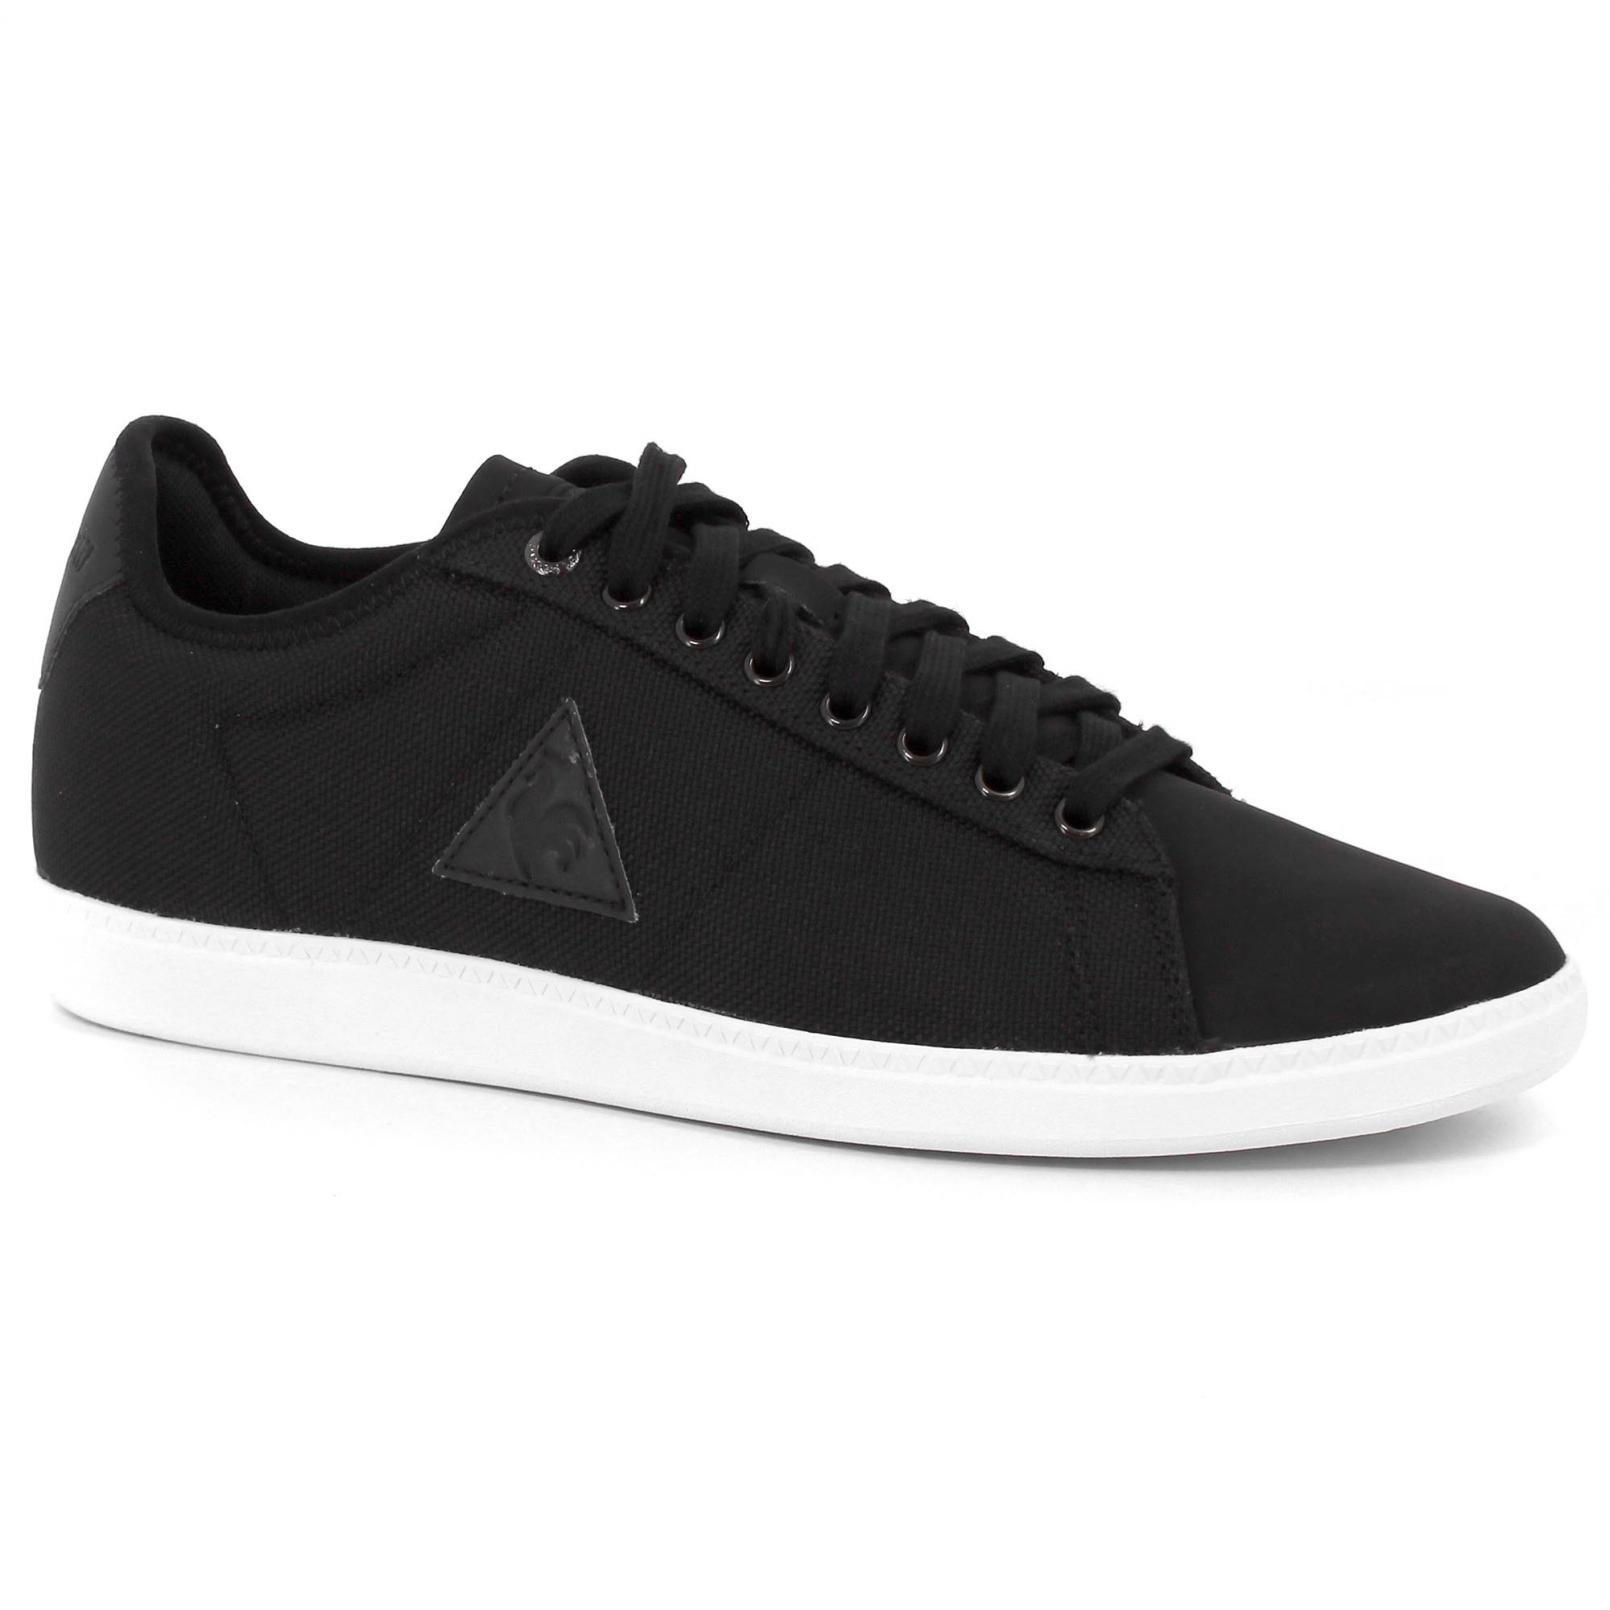 Shoes – Le Coq Sportif Courtset Ballistic Black